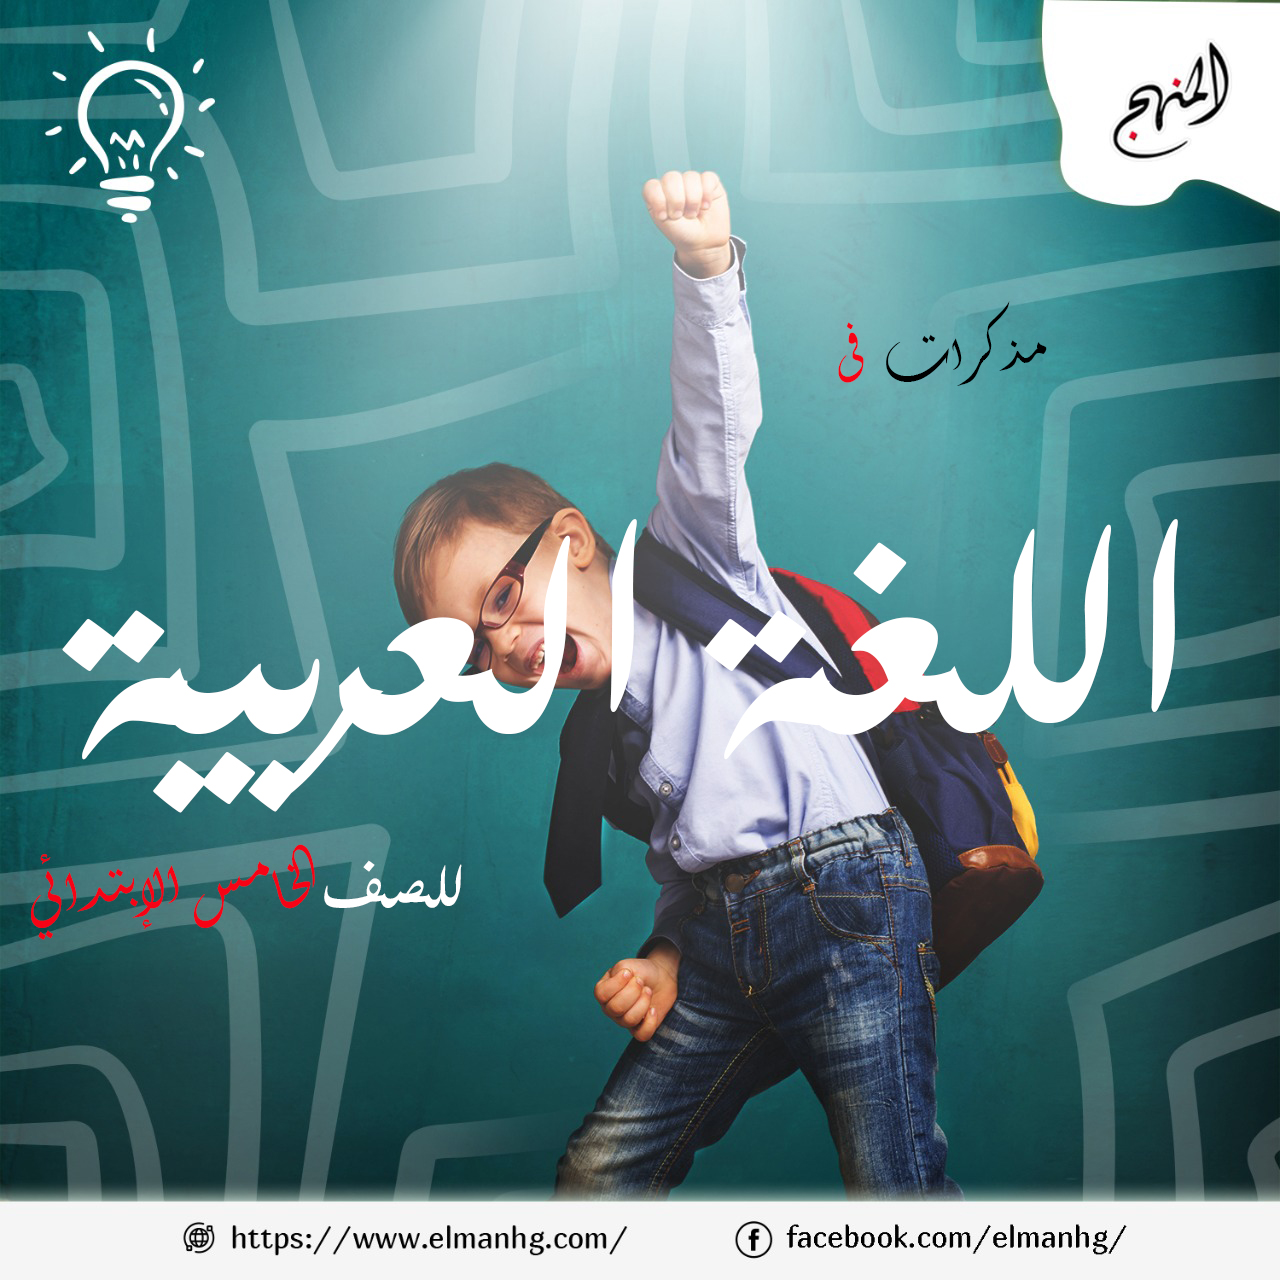 تحميل كتاب الوزاة فى مادة اللغة العربية للصف الخامس الابتدائي 2021